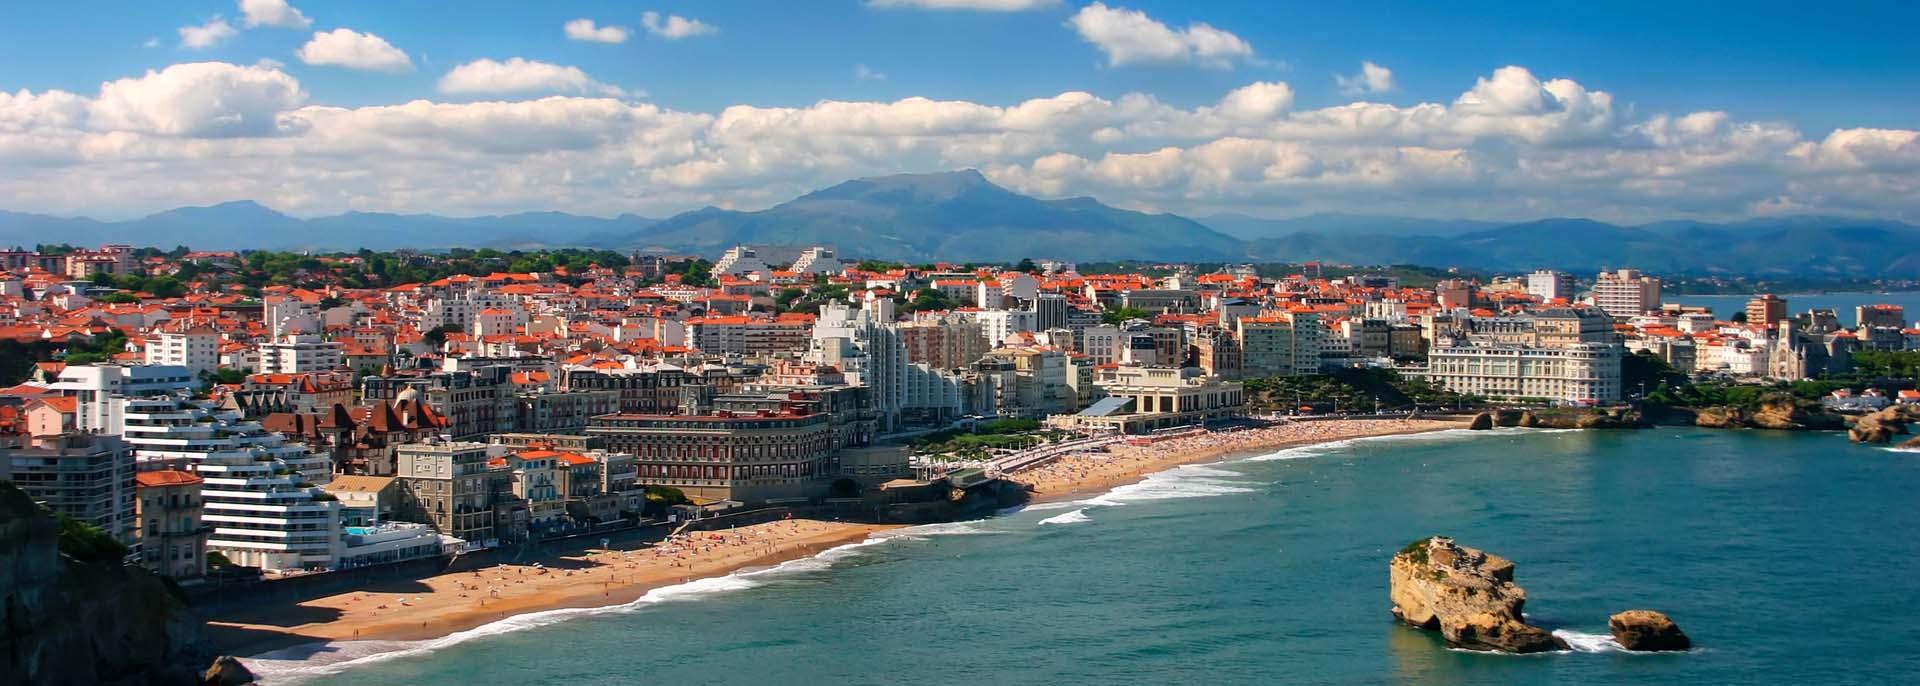 Los paisajes de la ciudad son construcciones antiguas con clasicos tejas anaranjadas clasicas de las ciudades europeas